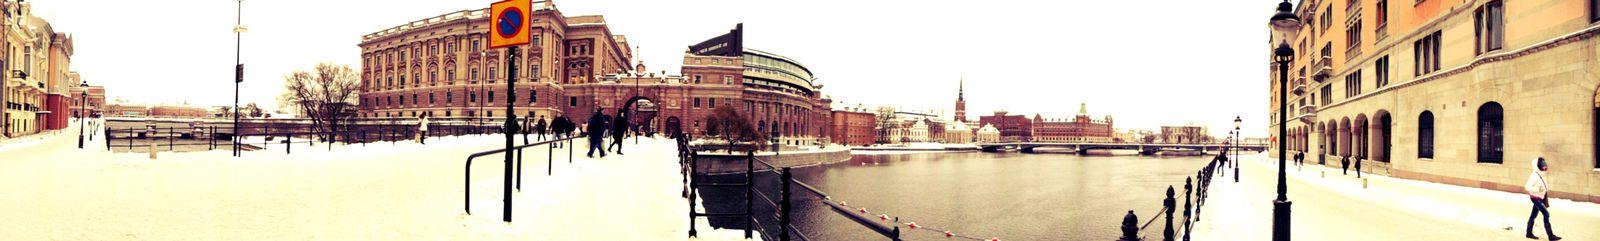 Stockholm (Sweden)